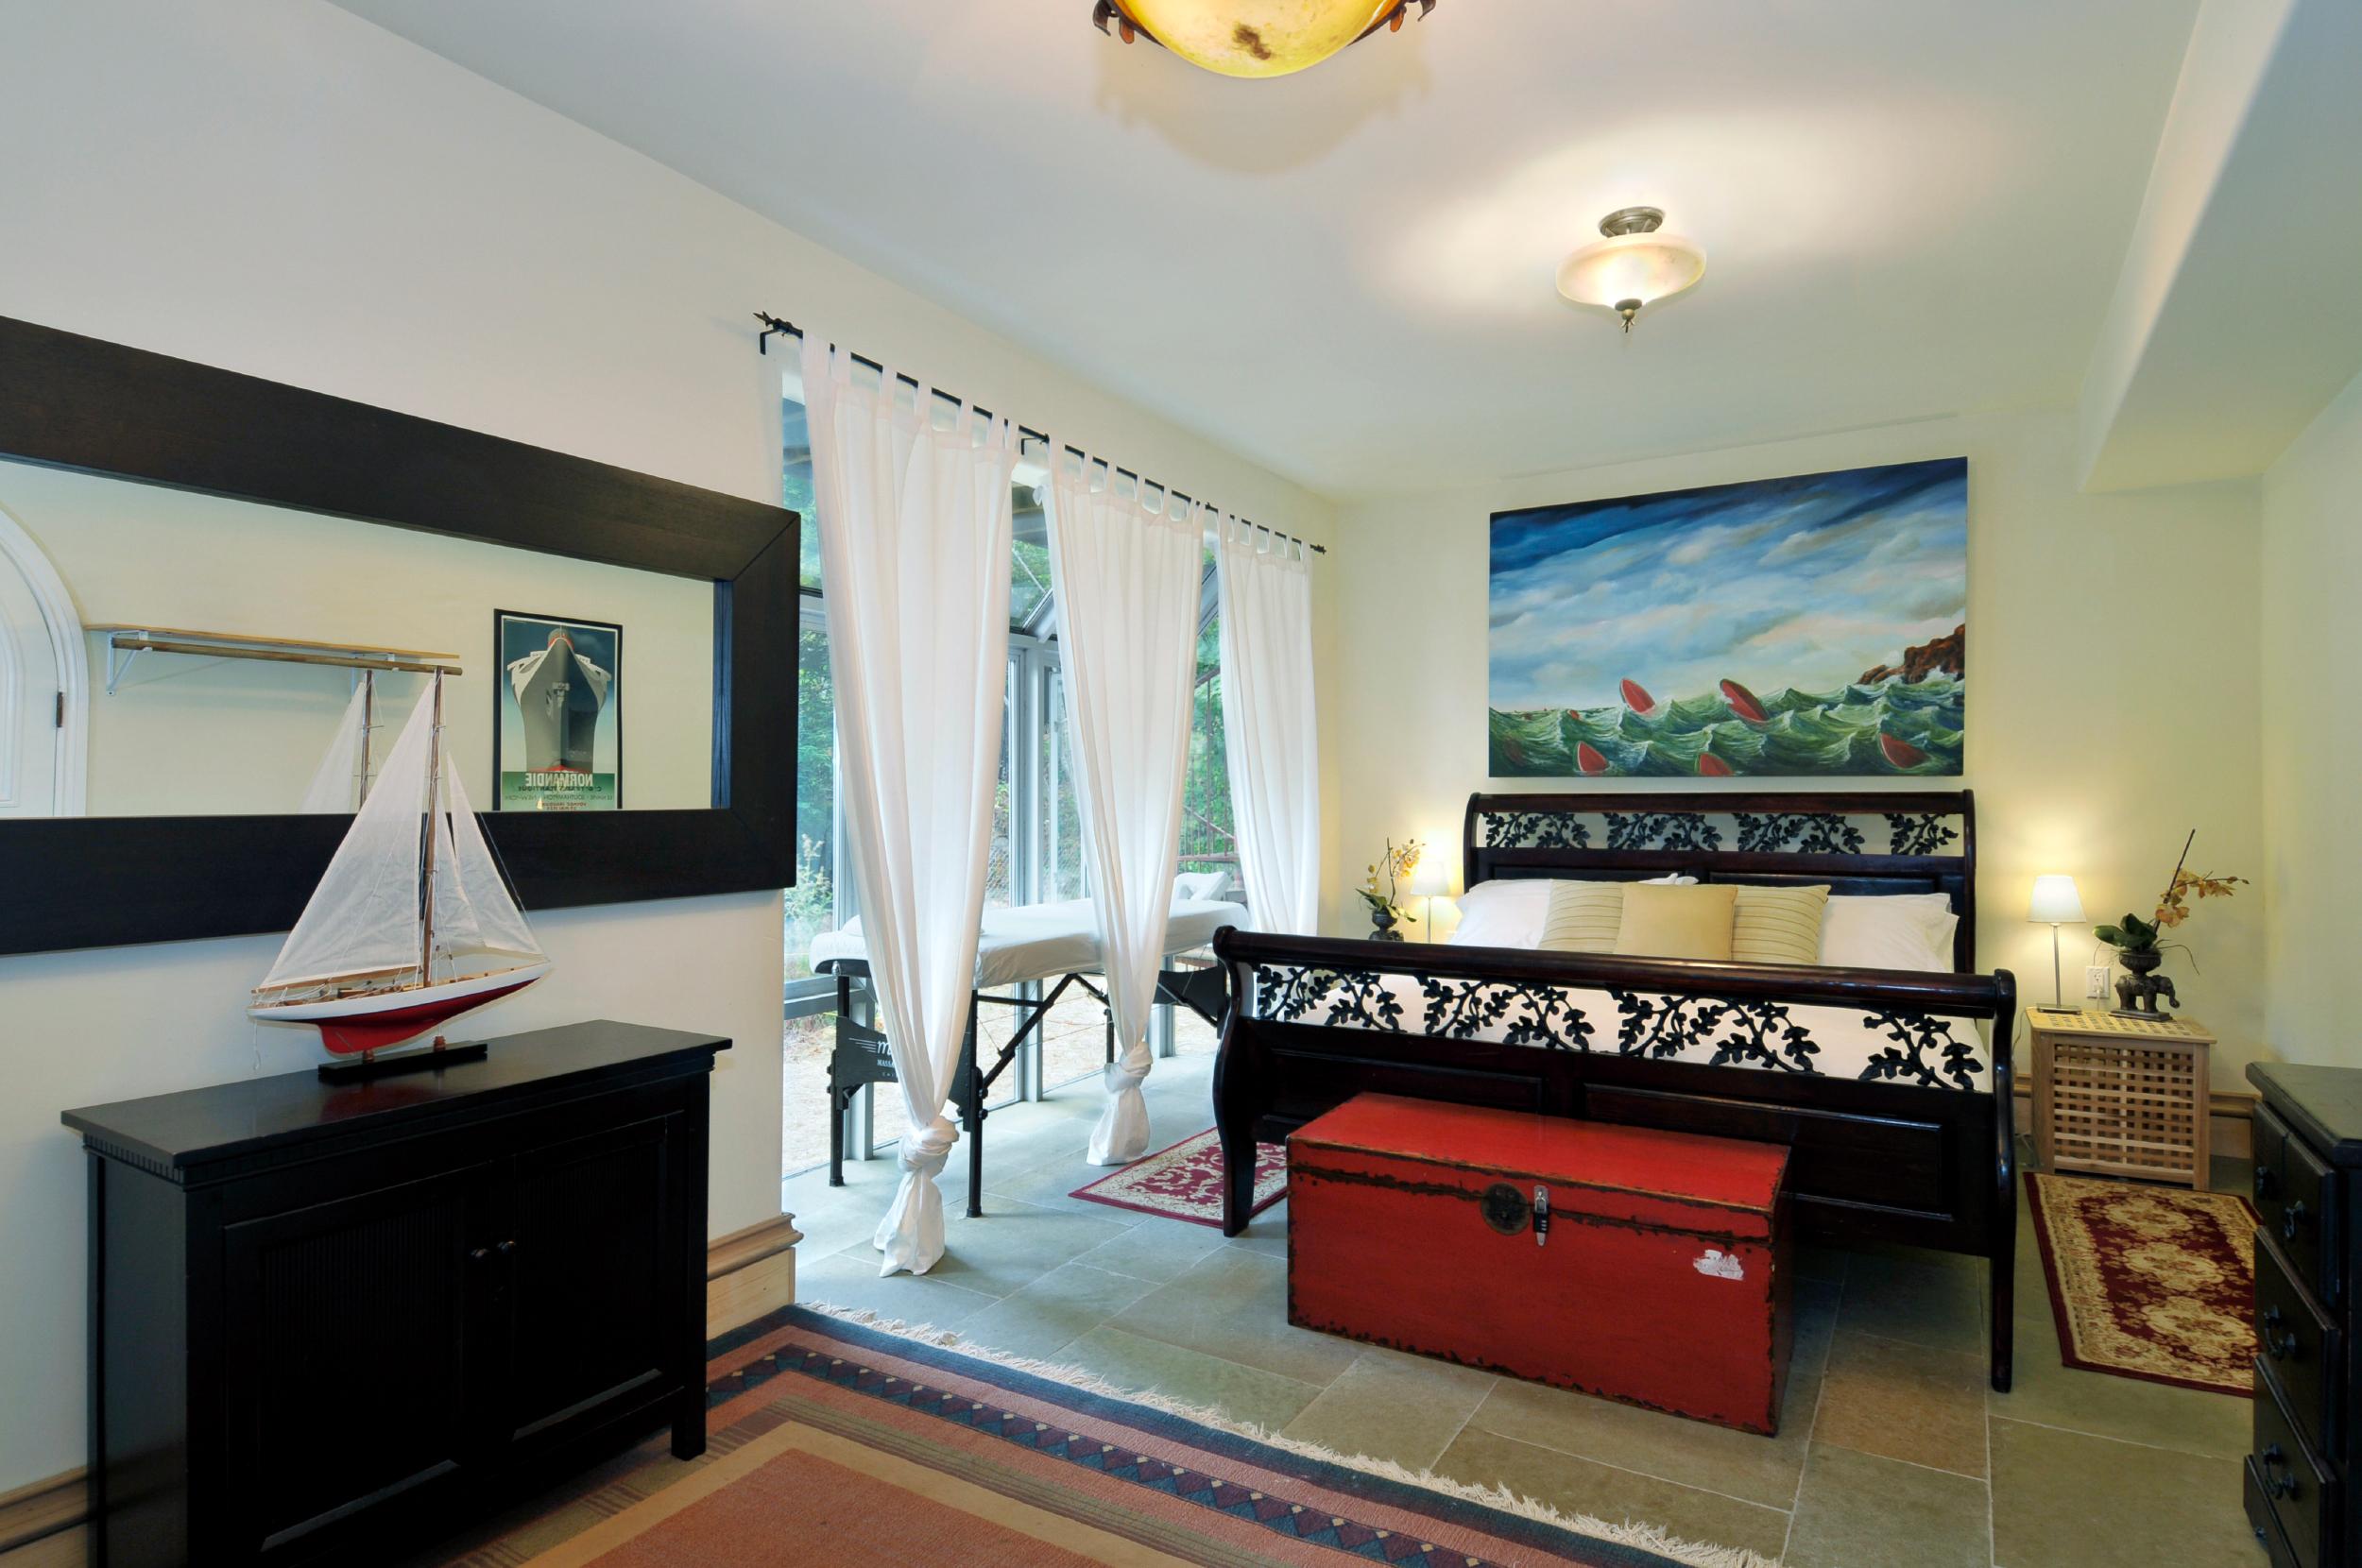 Monte Rio Vacation Home Bedroom